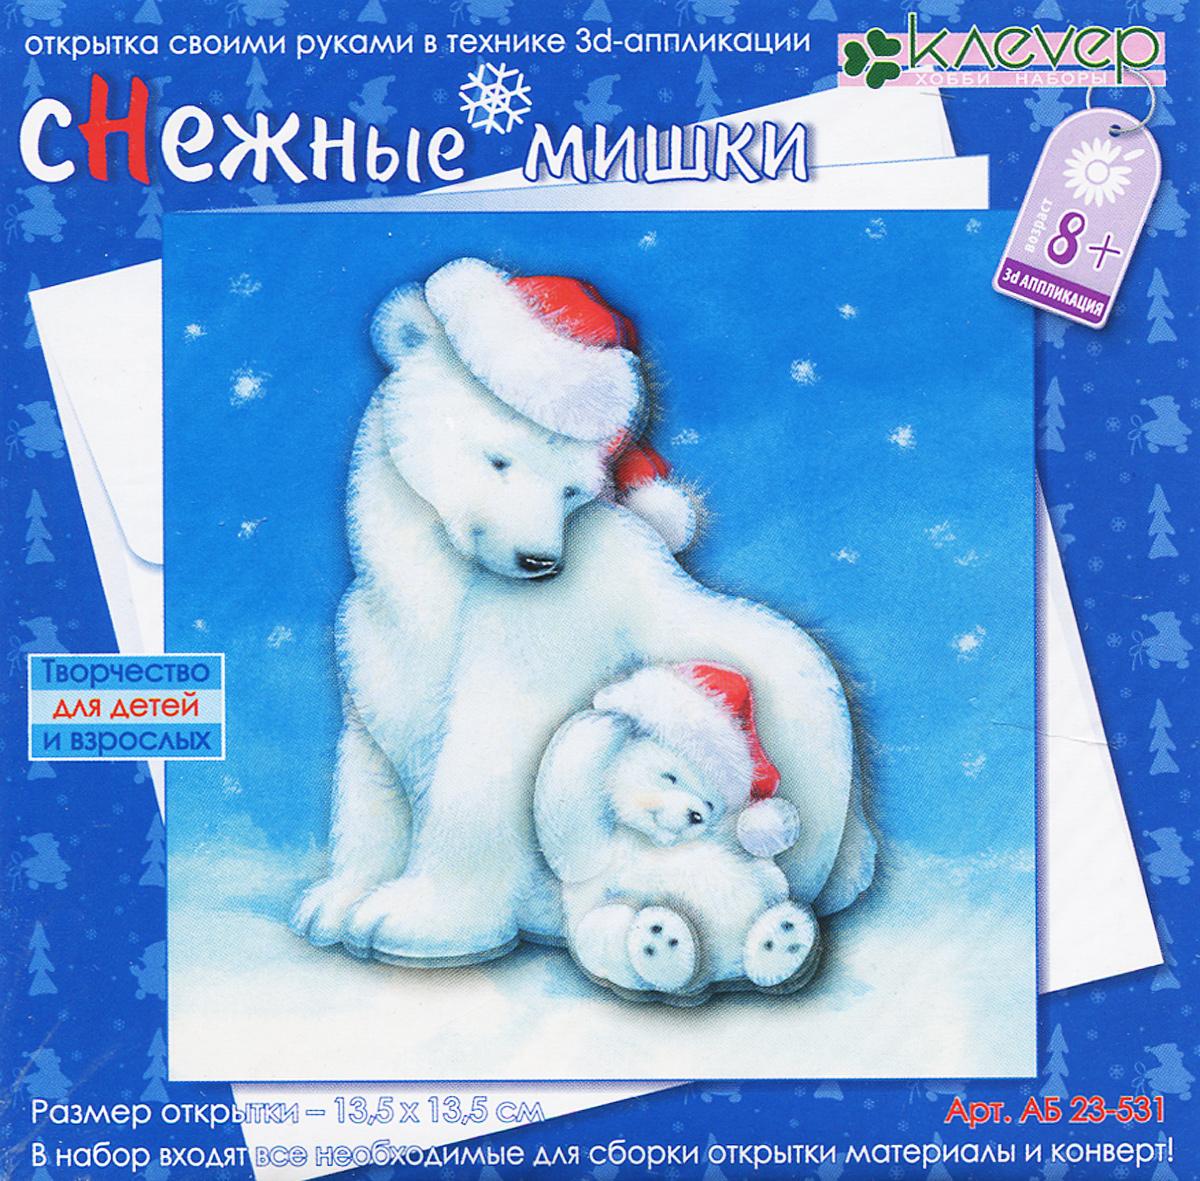 Набор для изготовления новогодней открытки Снежные мишкиАБ 23-531При помощи набора Снежные мишки вы сможете создать великолепную открытку в технике 3d-аппликации. Эта оригинальная открытка, сделанная своими руками, приятно удивит в зимний праздник ваших близких и друзей. Набор включает все необходимое: цветную бумагу, открытку, конверт, объемный двухсторонний скотч двух типов, пошаговую инструкцию на русском языке.